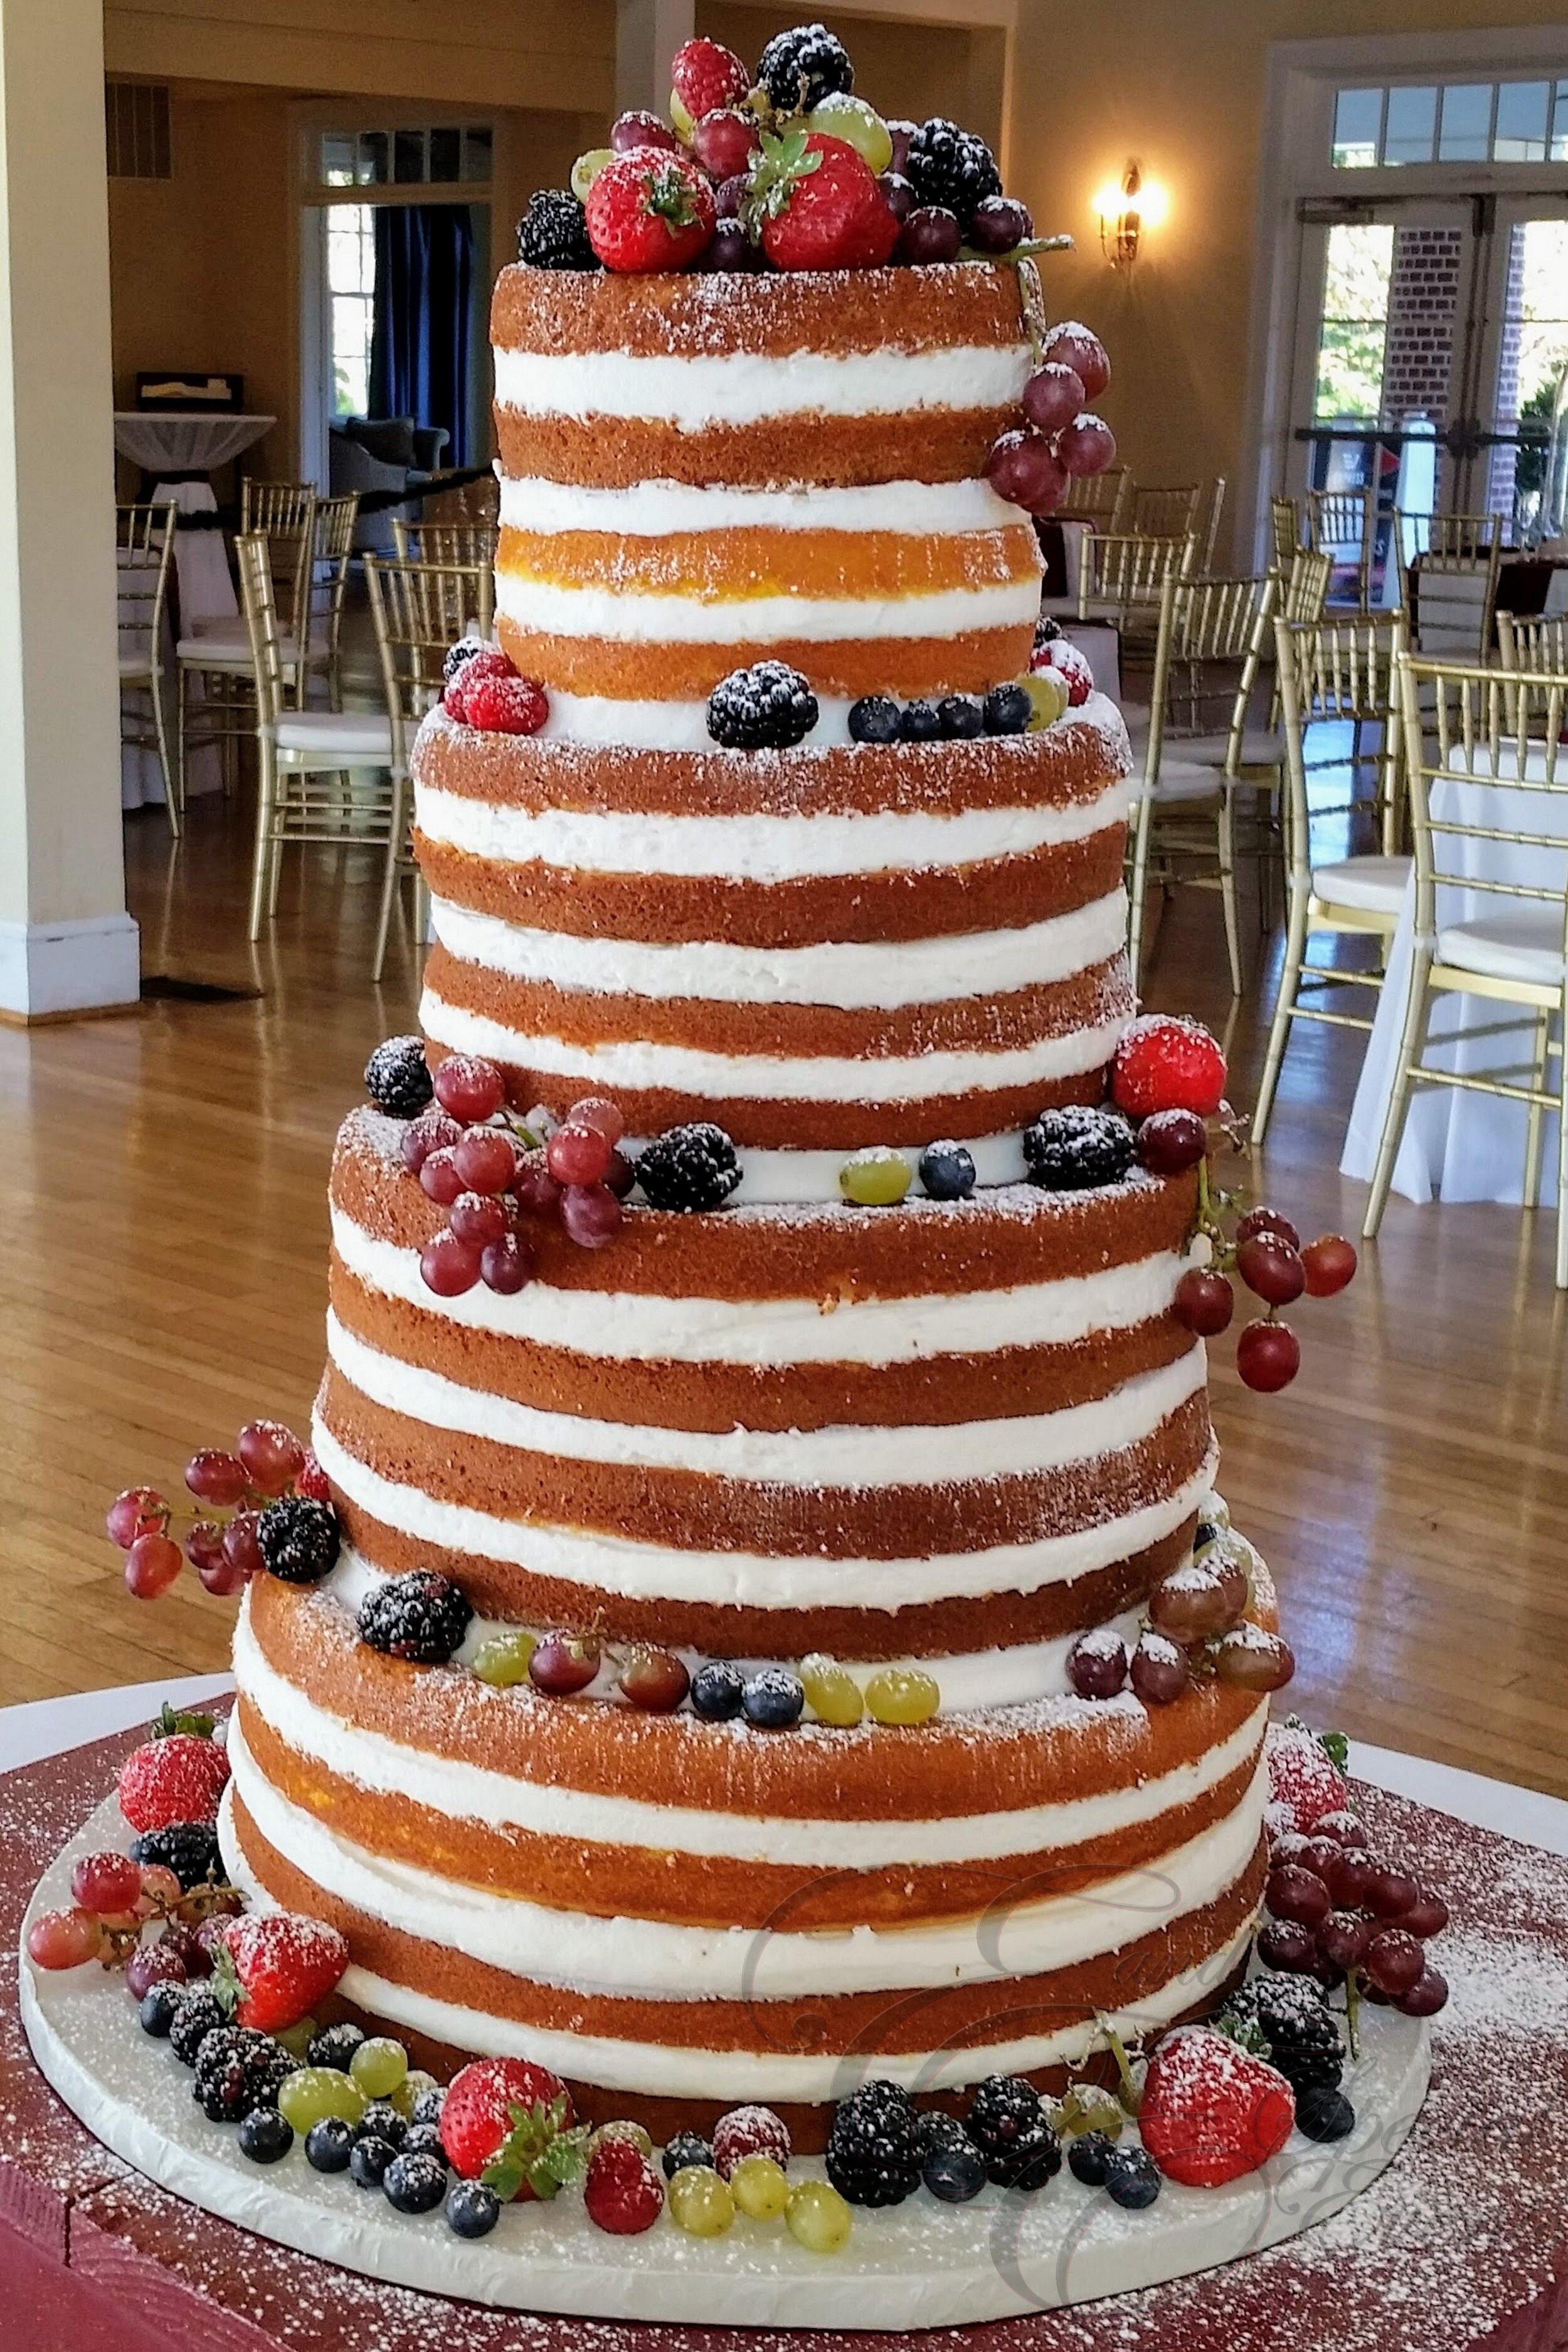 wedding_cakes_E_and_E_Special_Events_virginia_beach_42.jpg